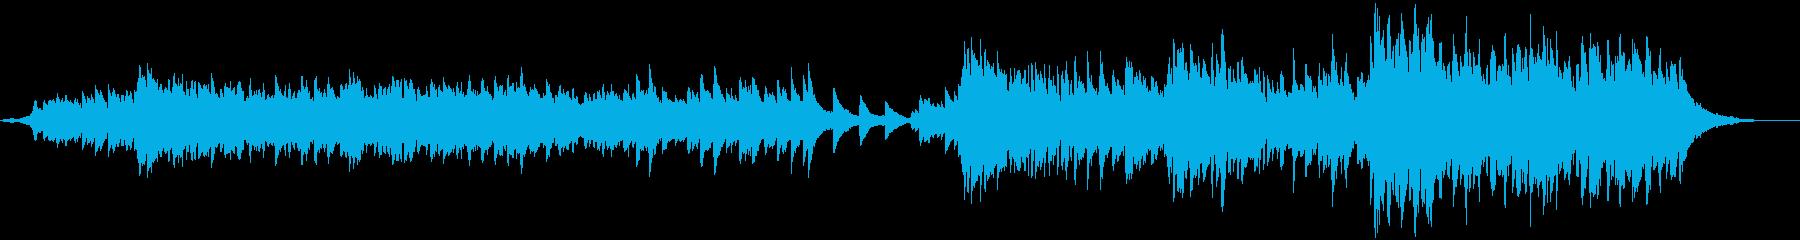 ピアノやストリングスの優しく温かな曲の再生済みの波形